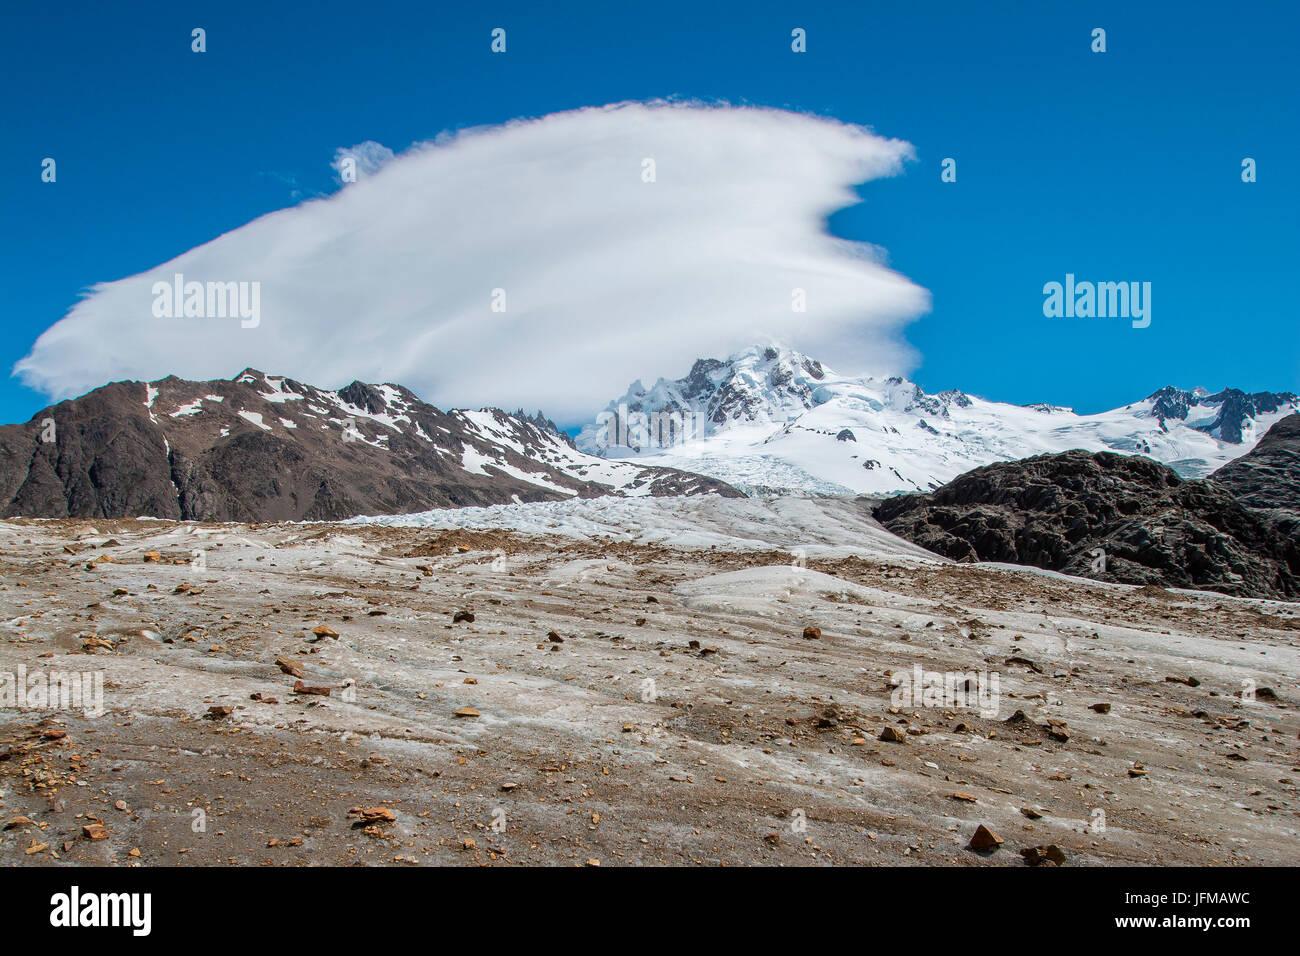 South America, Ande Mountains, Argentina, Patagonia, El Chalten, Glacier Rio Tunel Inferior, Lenticular - Stock Image